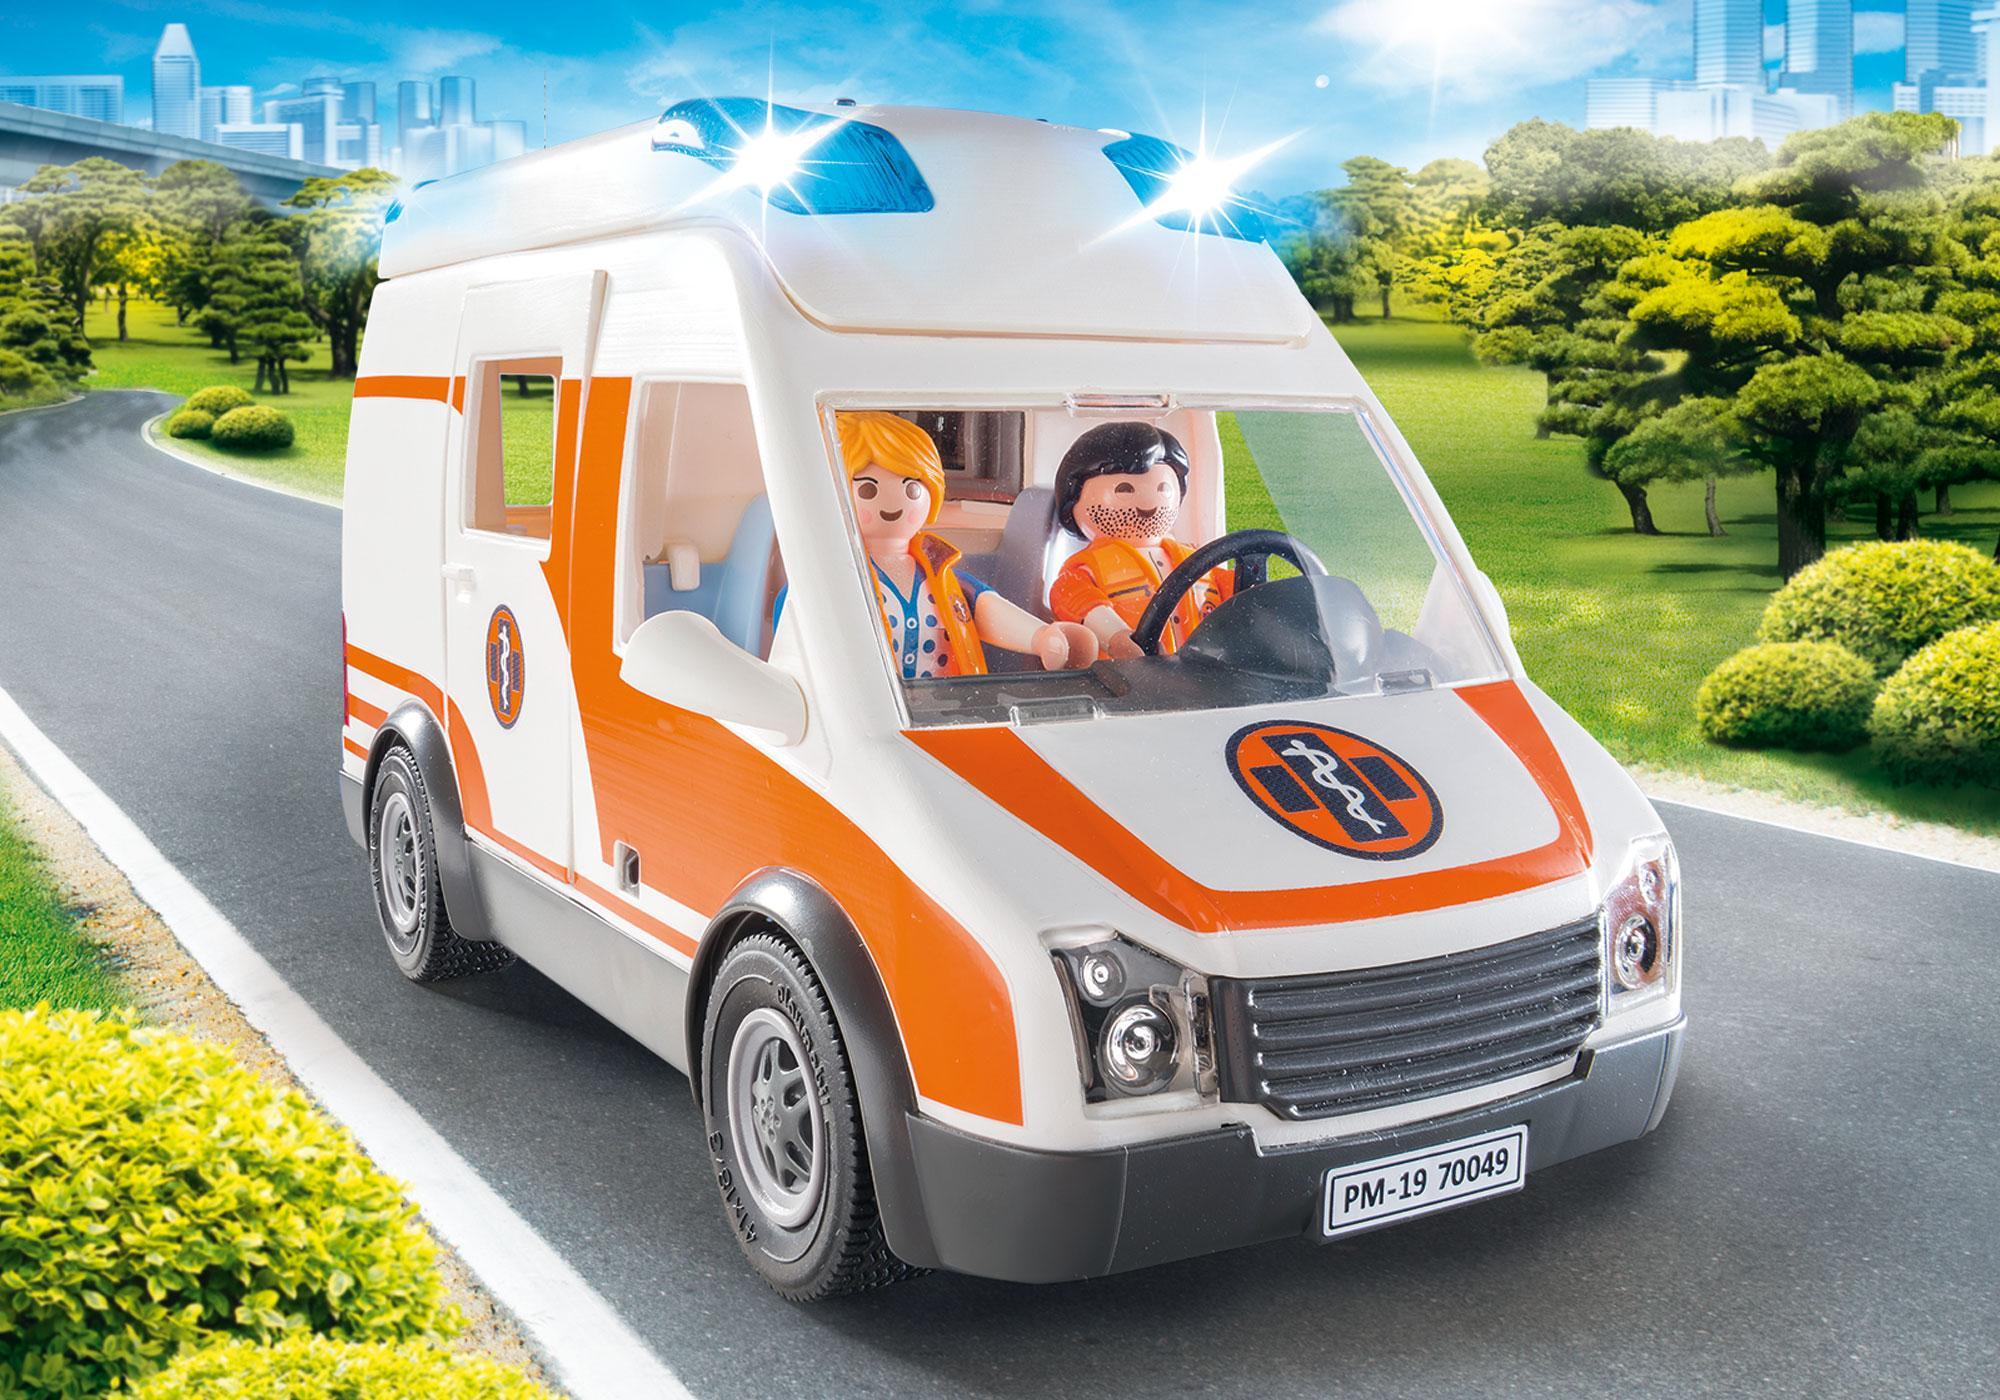 http://media.playmobil.com/i/playmobil/70049_product_extra1/Ambulance en ambulanciers